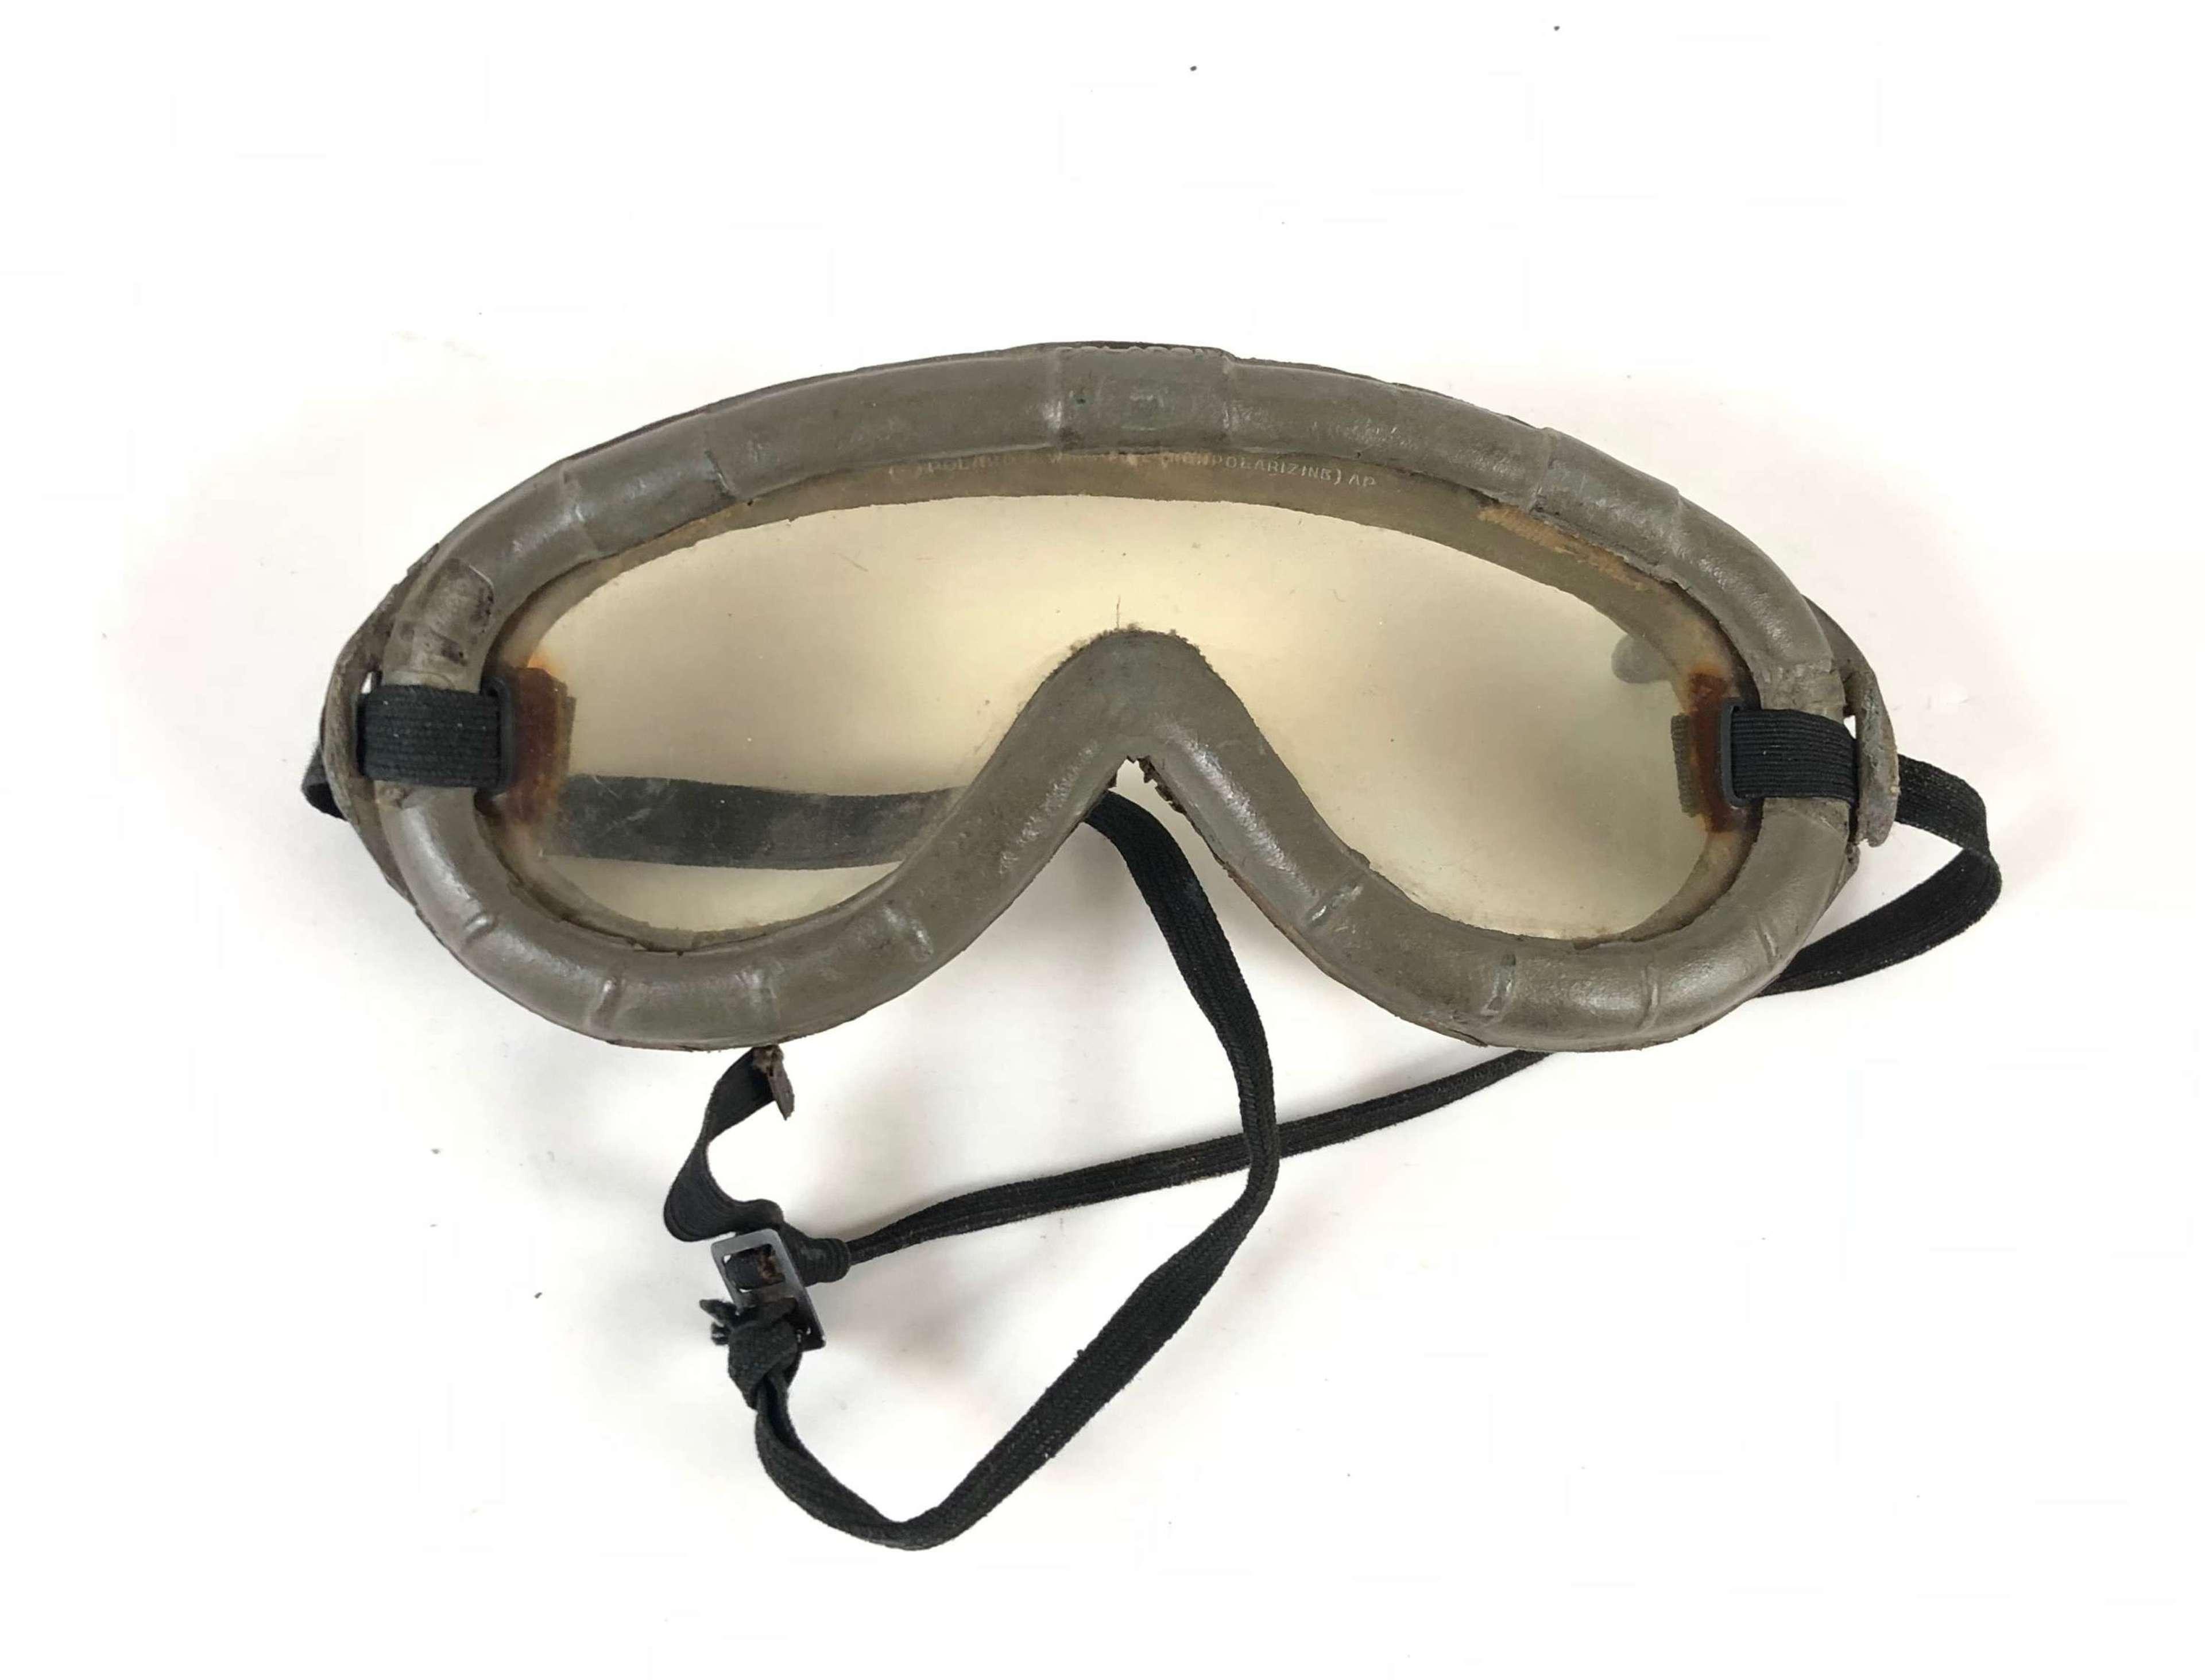 WW2 American B8 Flying Goggles.